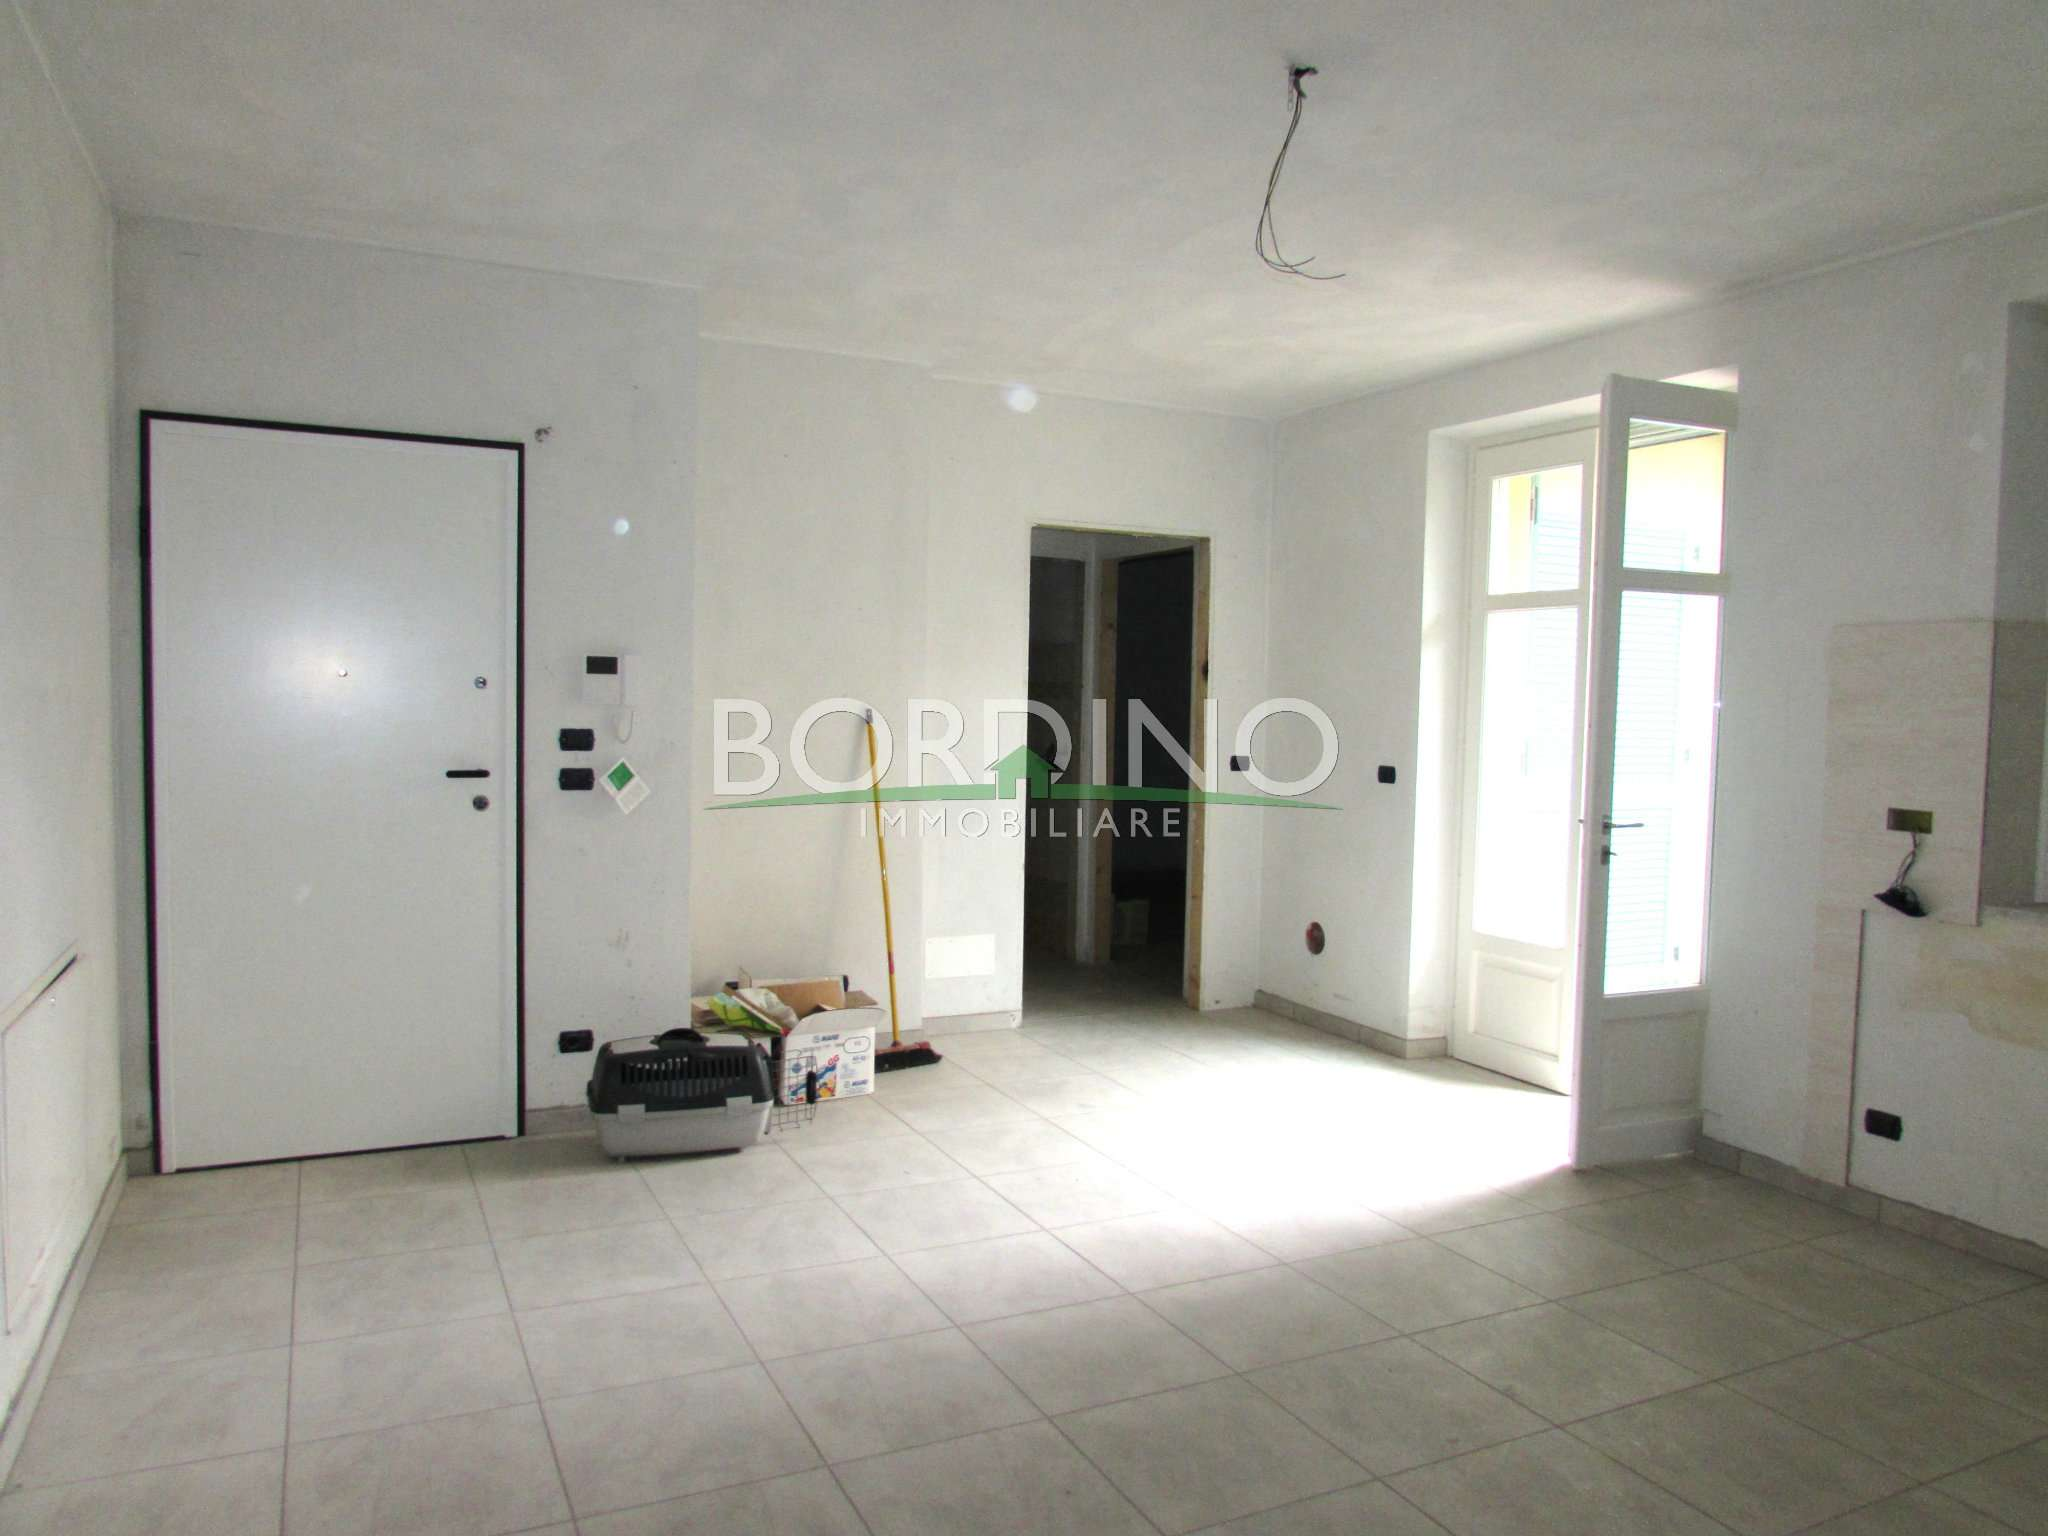 Appartamento in vendita a Canale, 3 locali, prezzo € 160.000 | Cambio Casa.it